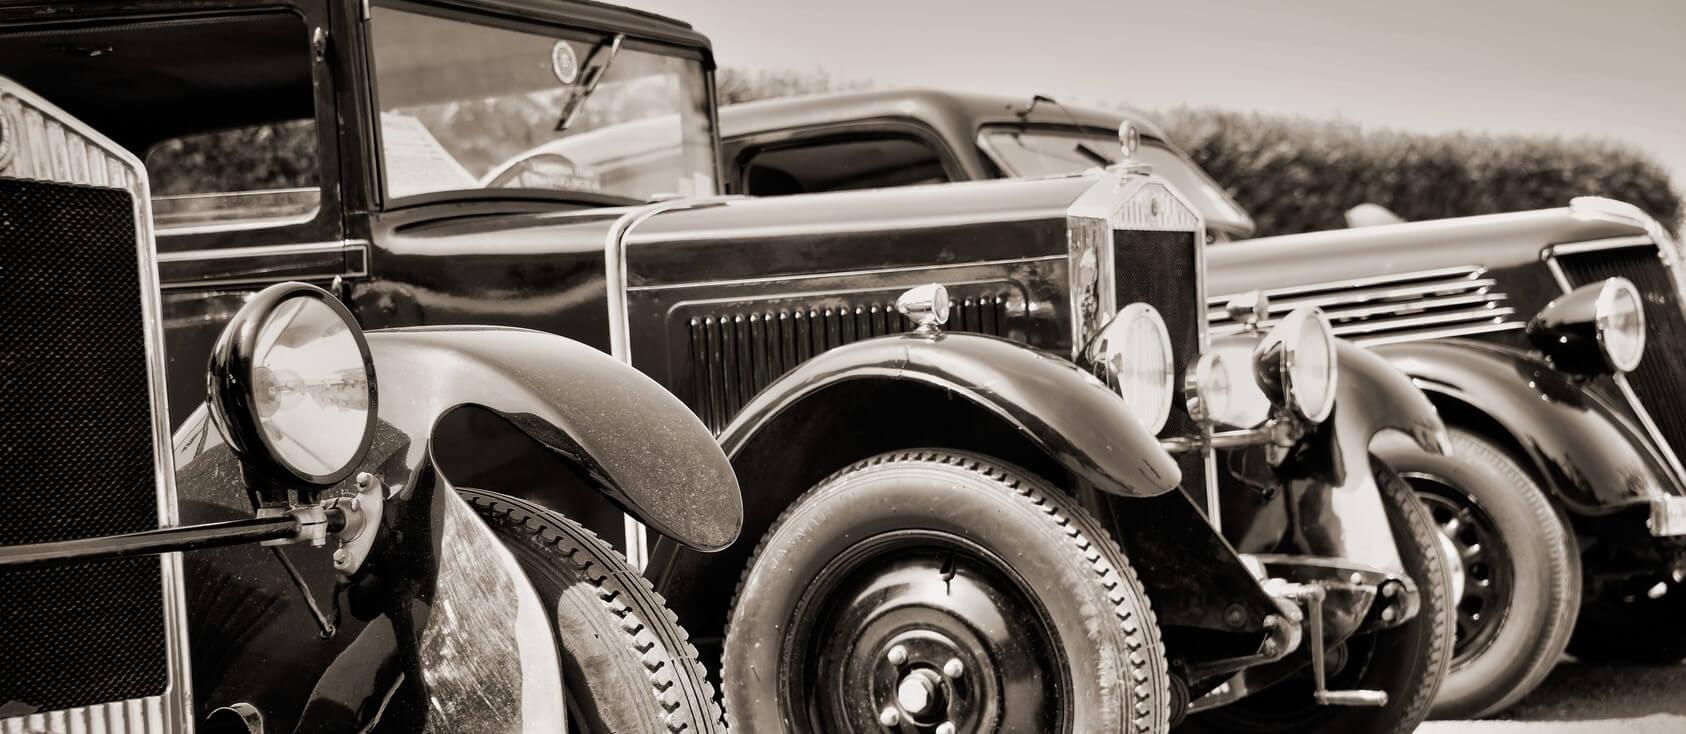 Photographie en noir et blanc présentant un ensemble de voiture de collection des années 1920.